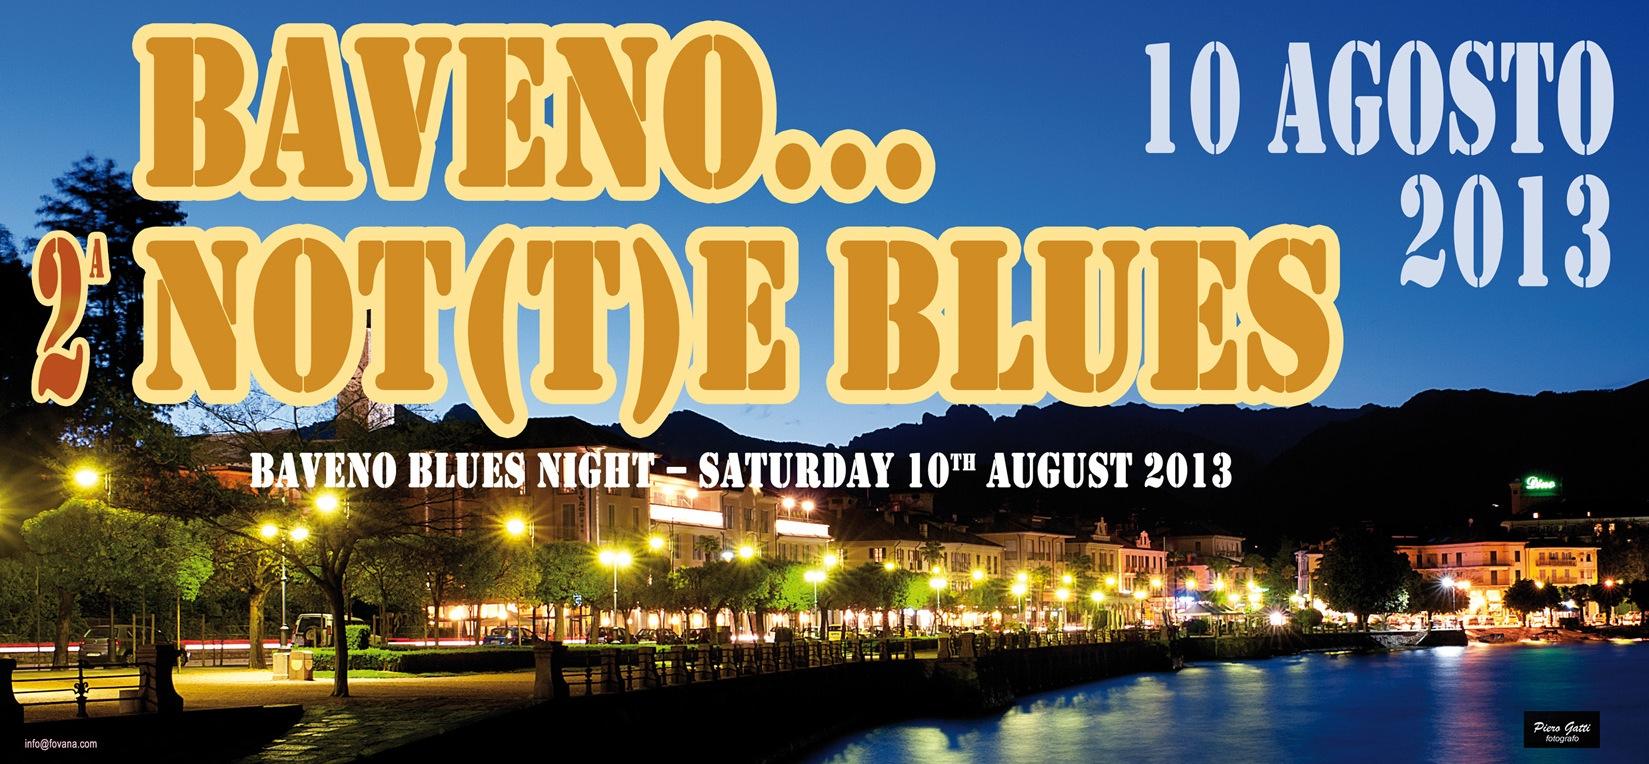 Baveno not(t)e blues 2013, particolare della locandina